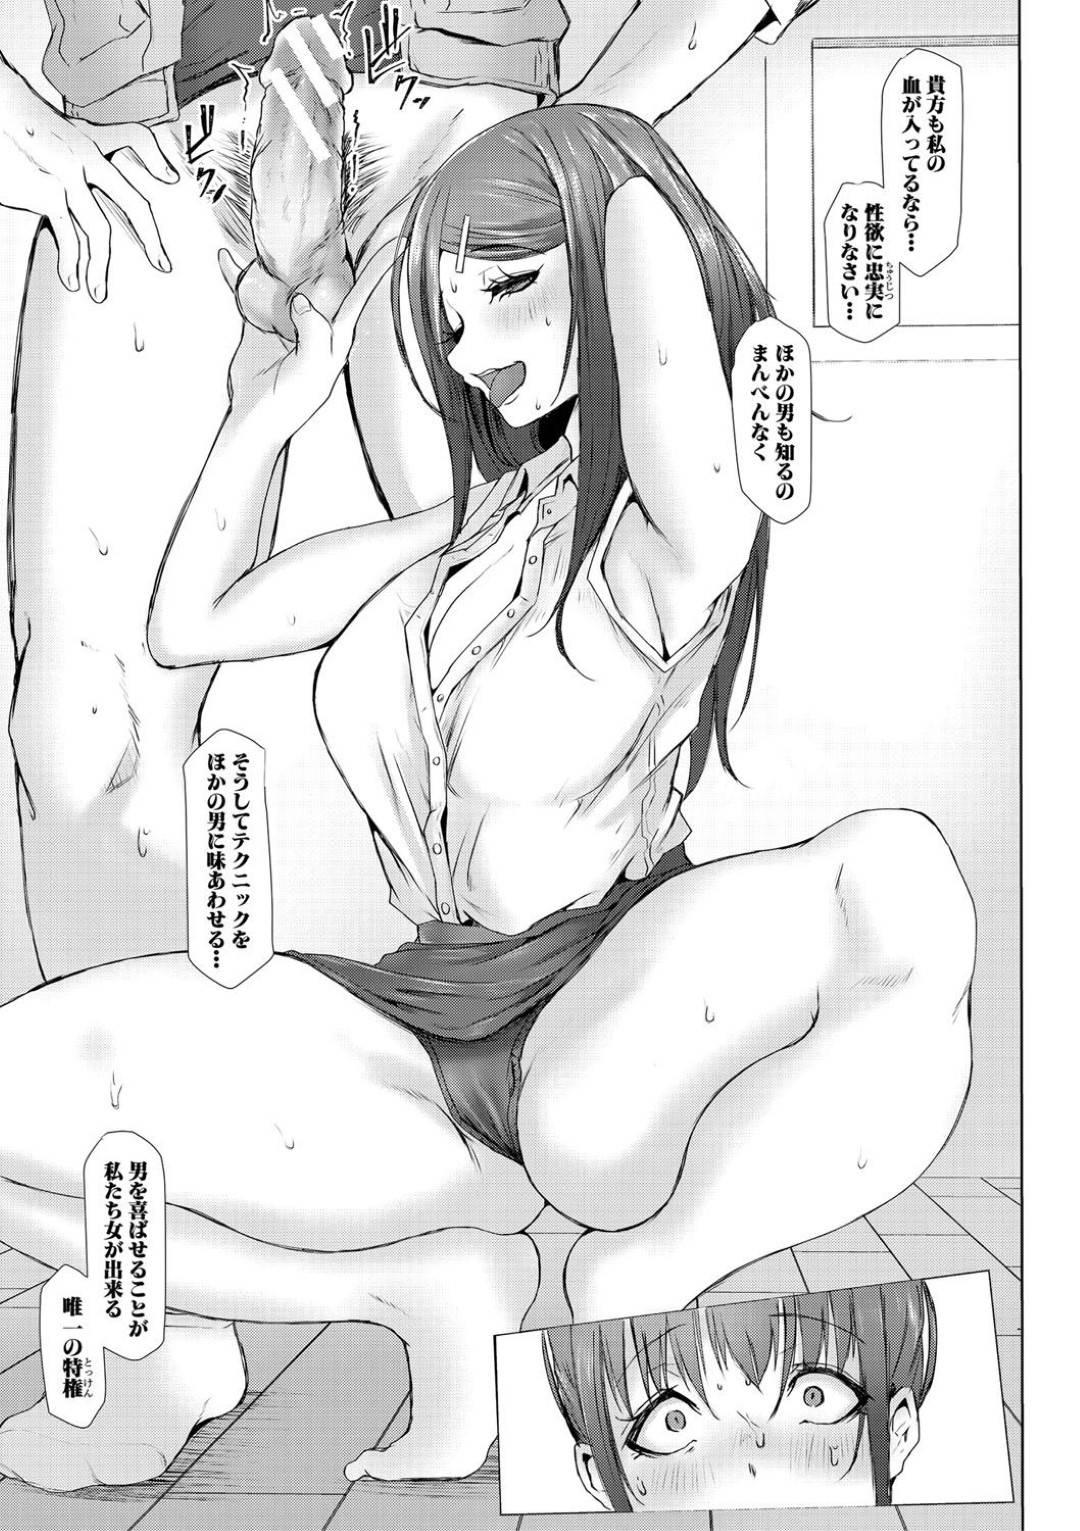 【淫乱母娘エロ漫画】母親が連れてきた若い電気屋と3P中出しセックスで快楽堕ち!【泥っせる】